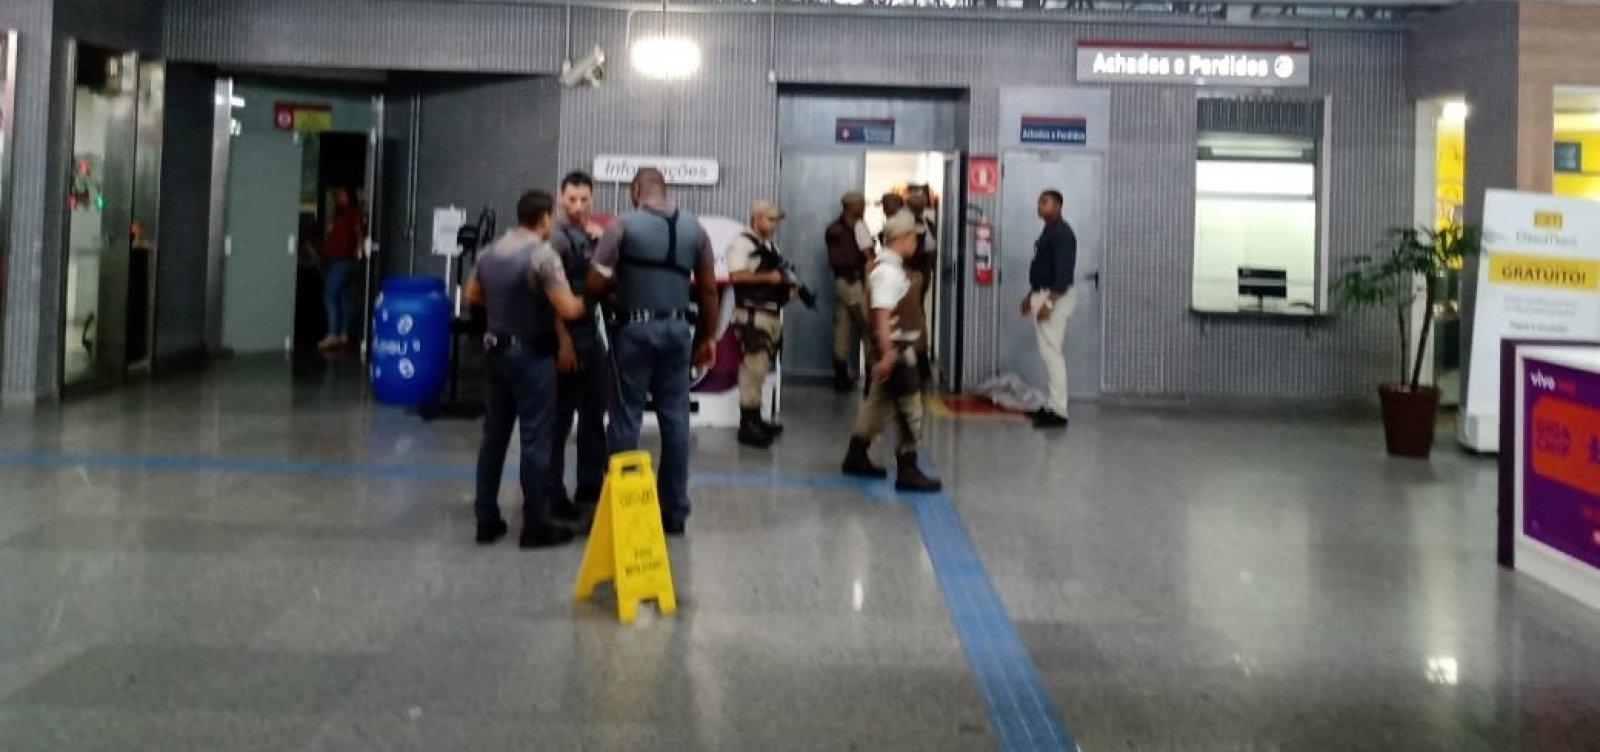 ['Ele queria que atirasse nele', diz homem que foi feito de refém no metrô de Salvador]